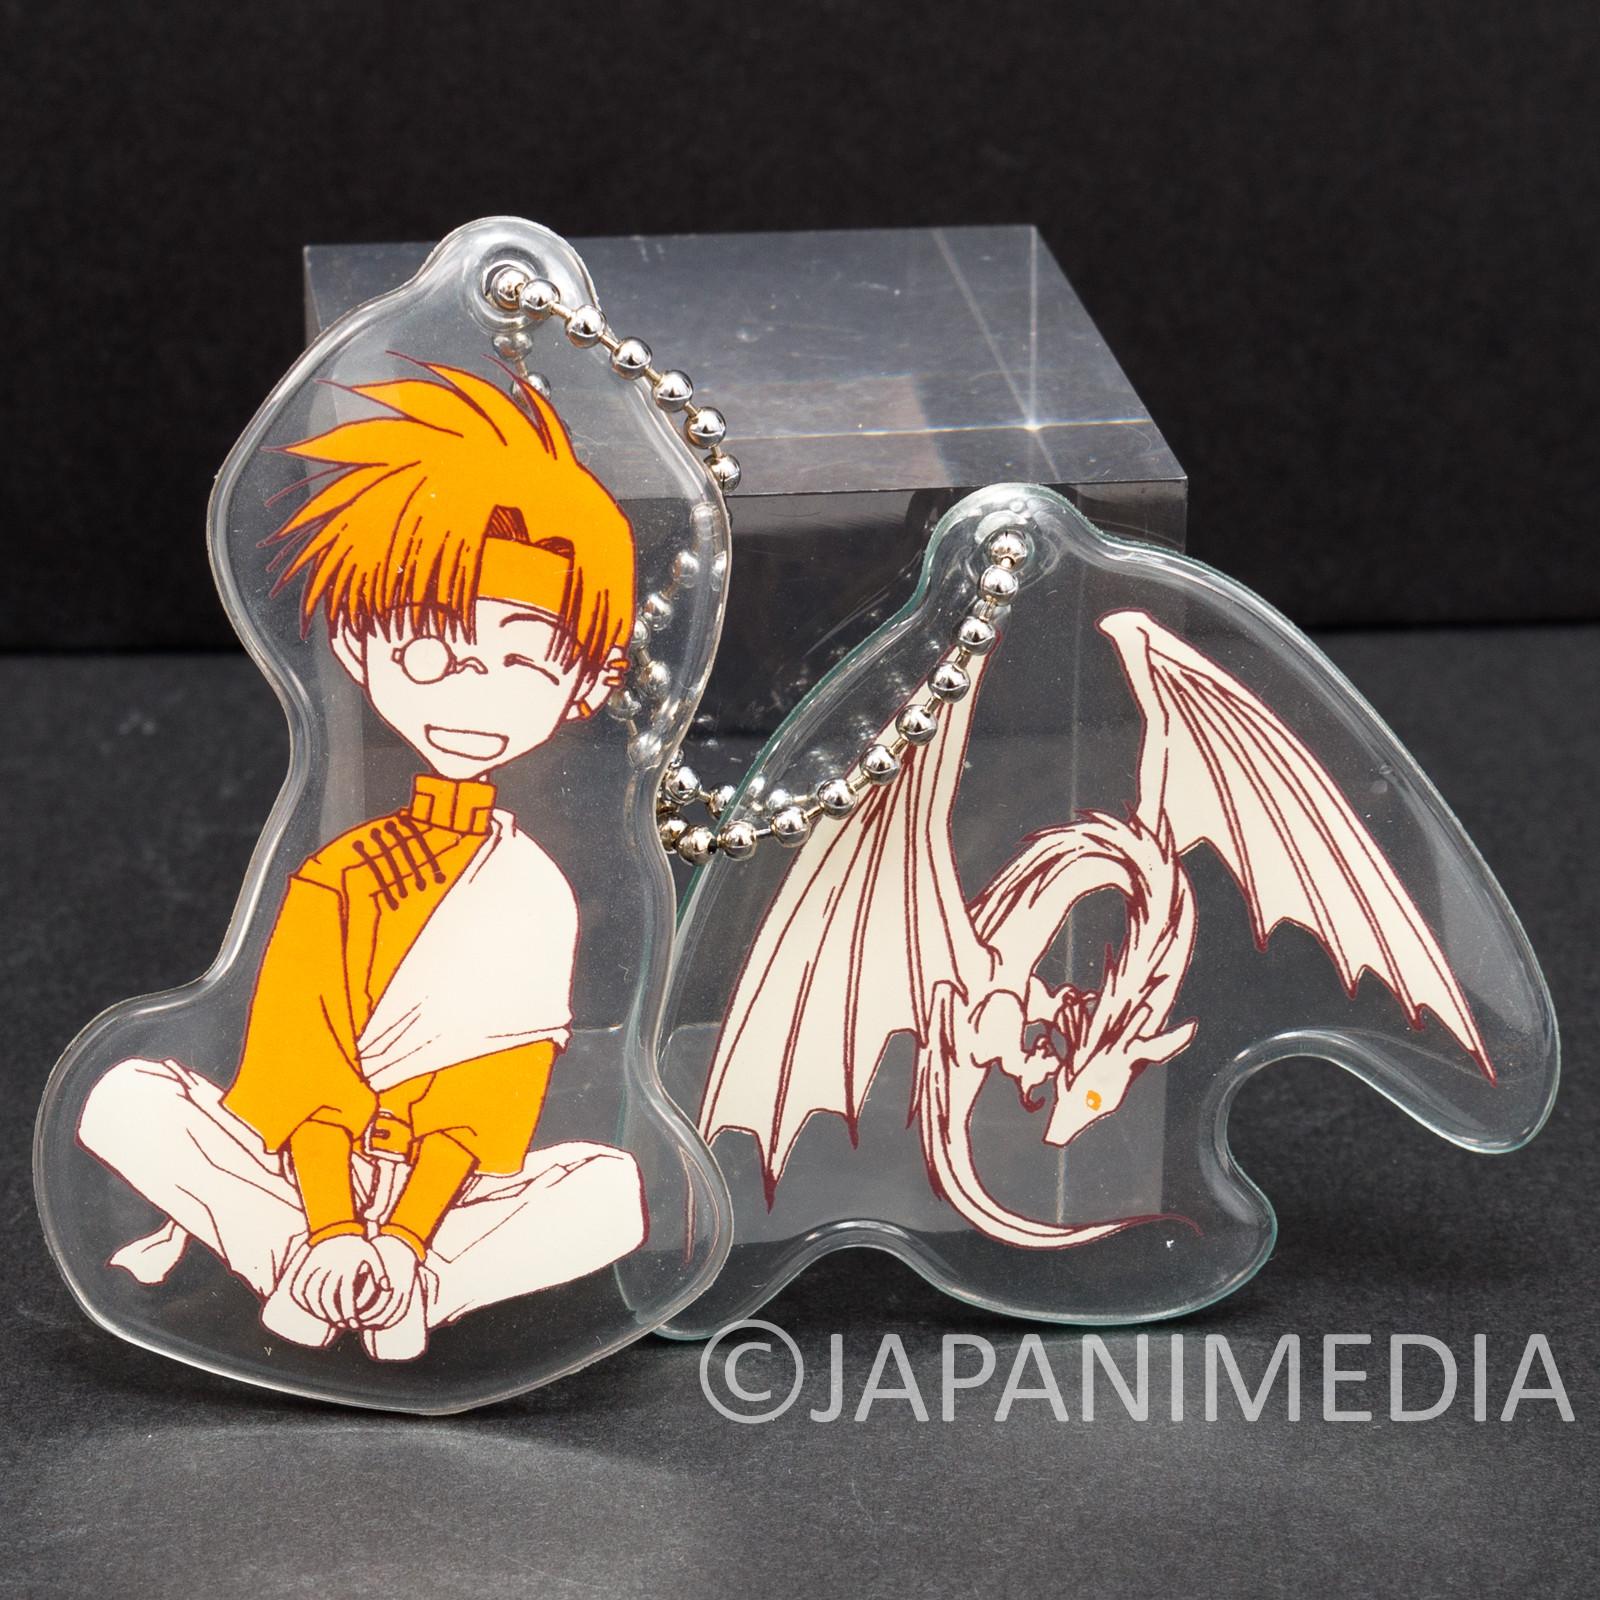 SAIYUKI Cho Hakkai Soft vinyl Mascot Keychain Movic Kazuya Minekura JAPAN